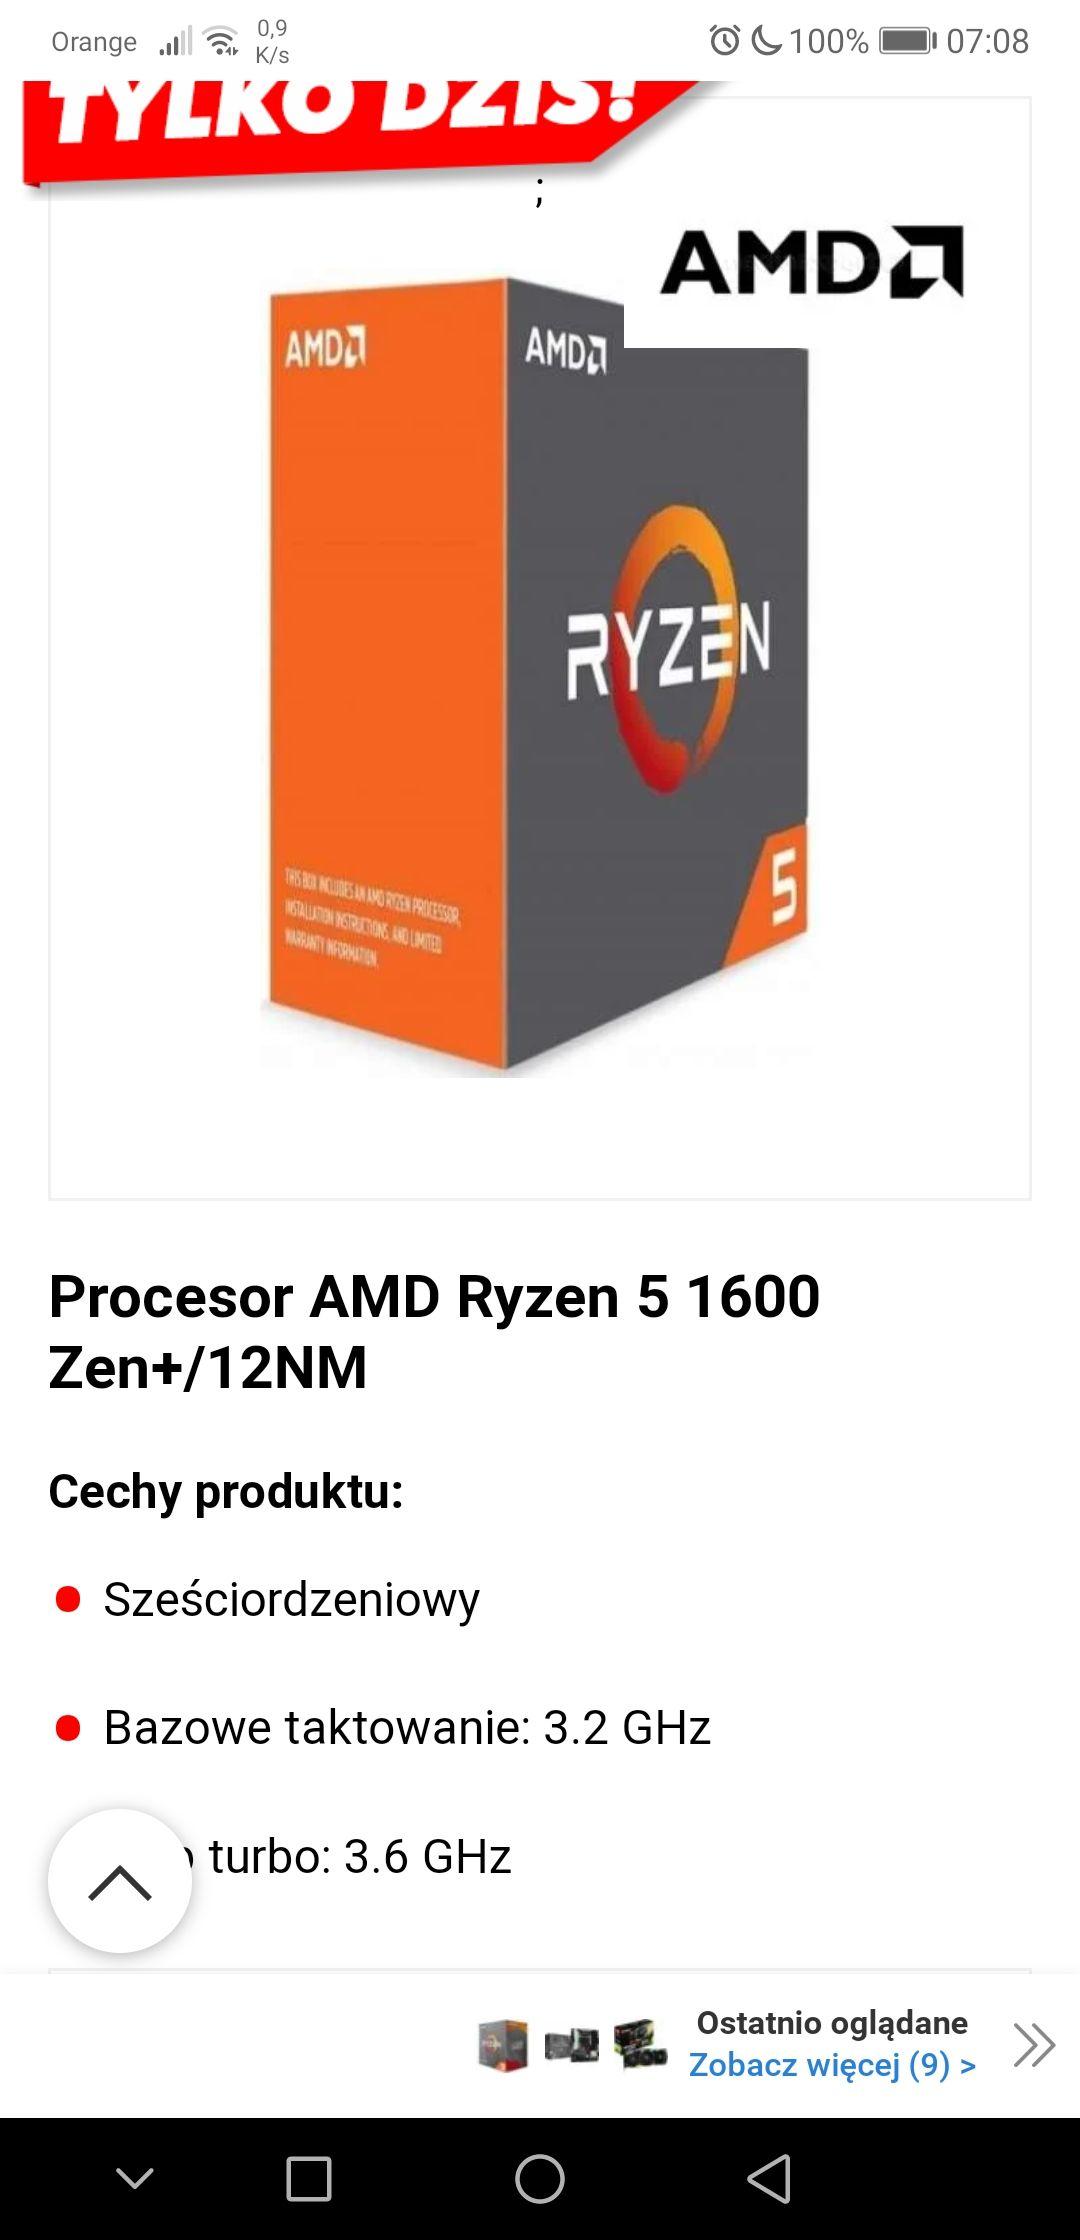 Procesor AMD Ryzen 5 1600 Zen+/12NM